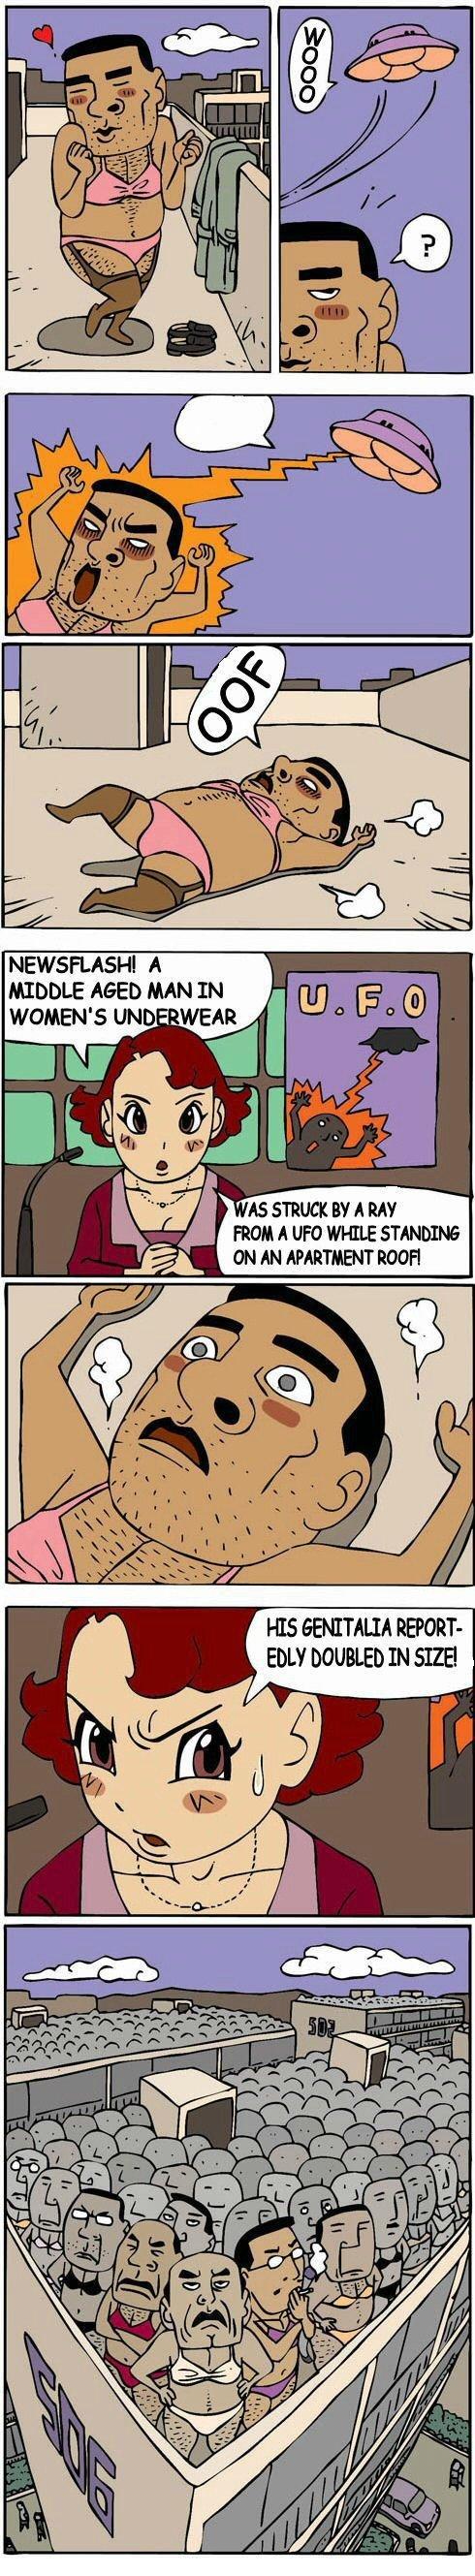 Meme your heart out! - Page 6 Comics-korean-comics-ufo-881340